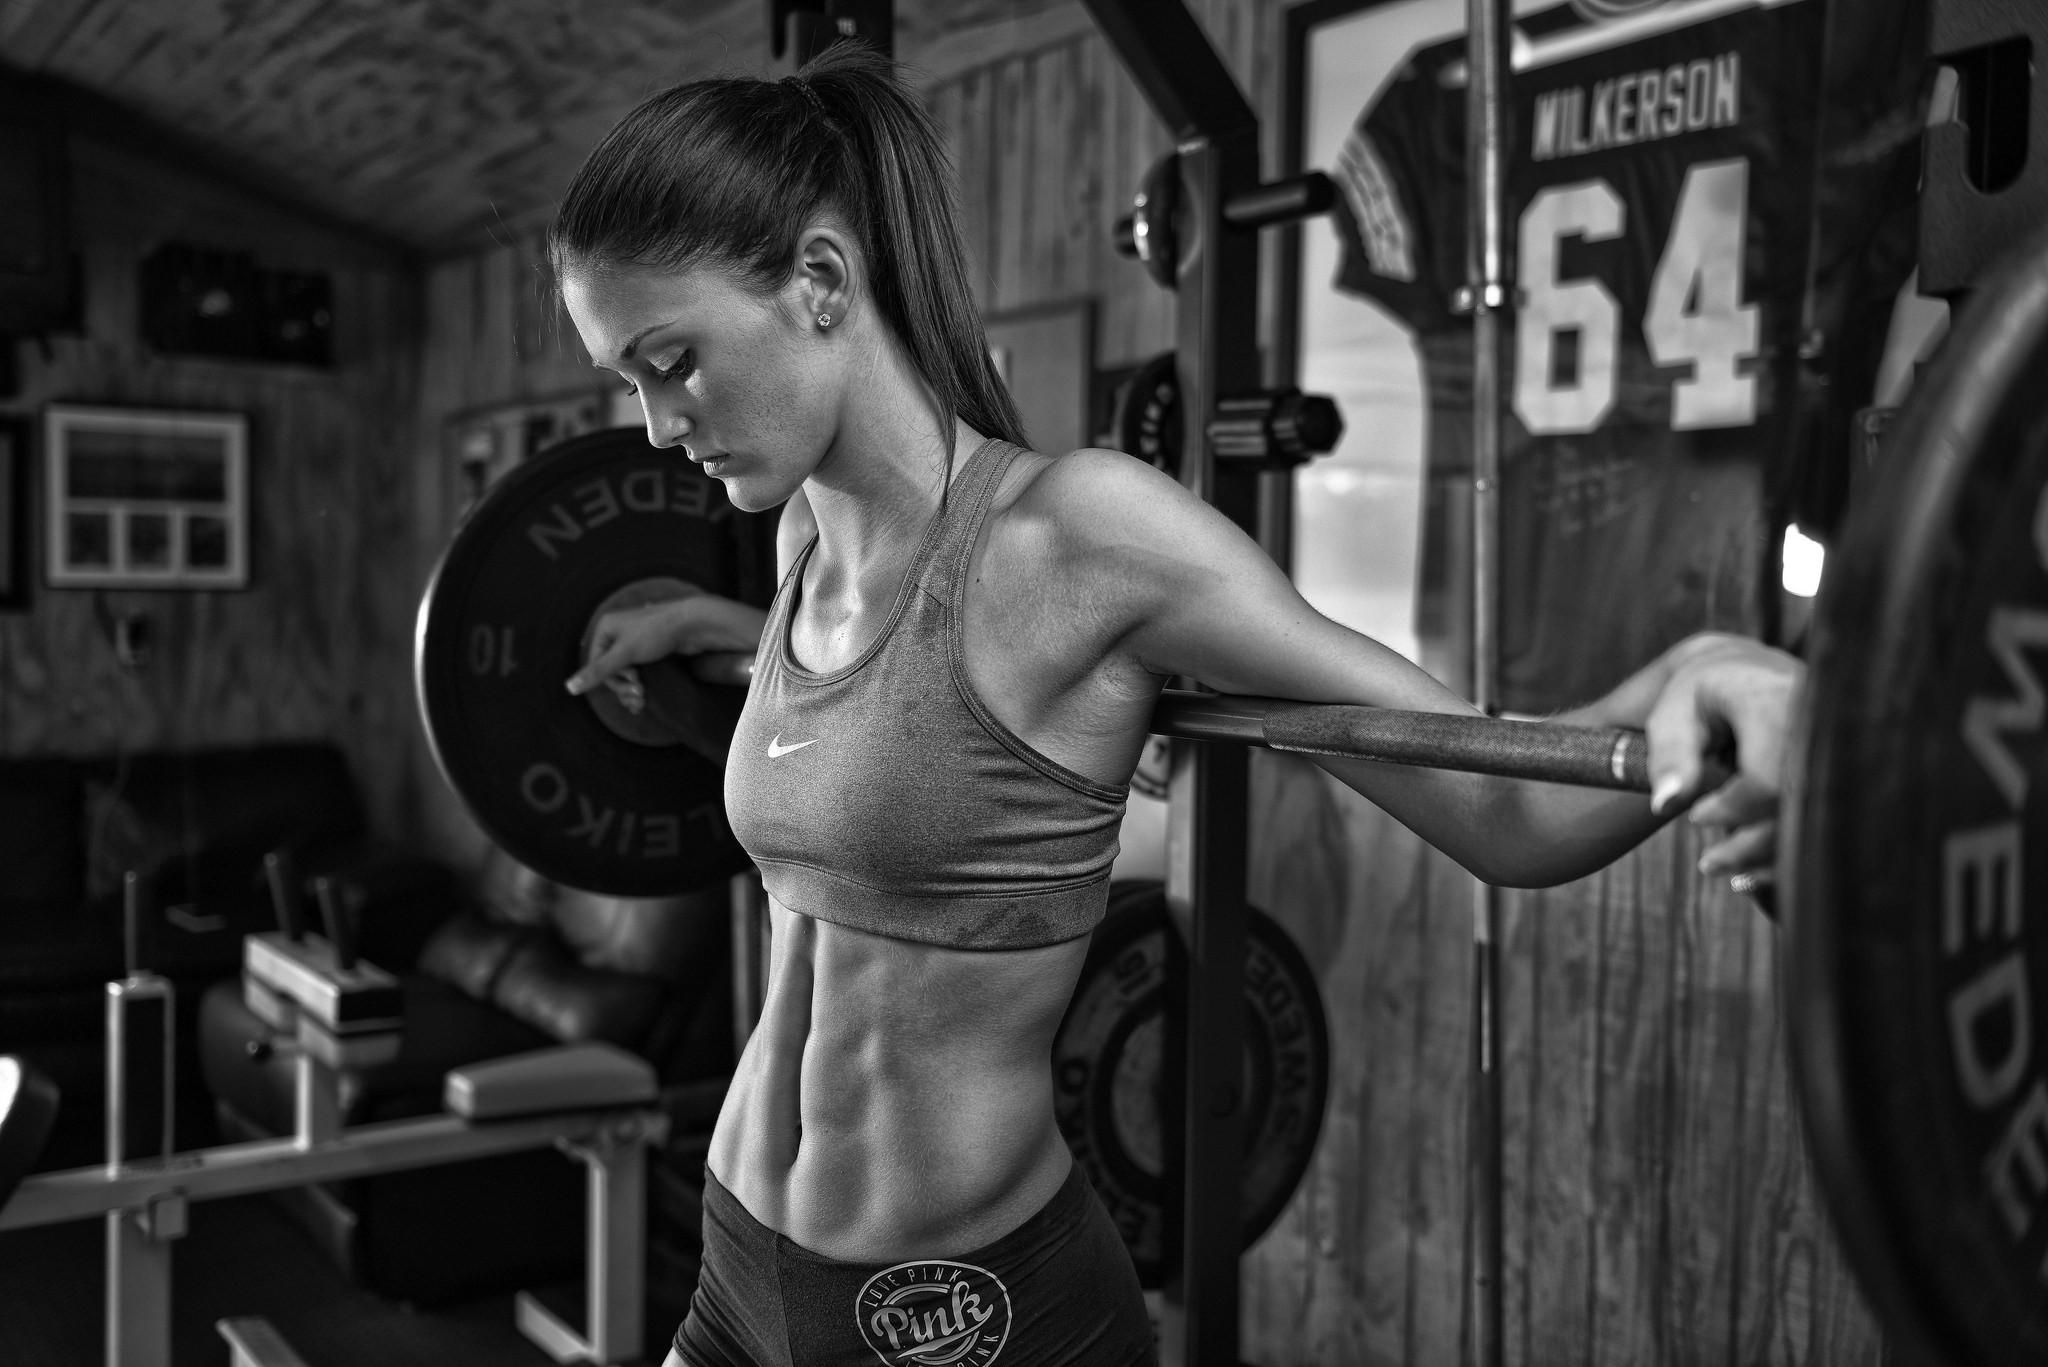 Wallpaper sports women room fitness model crossfit